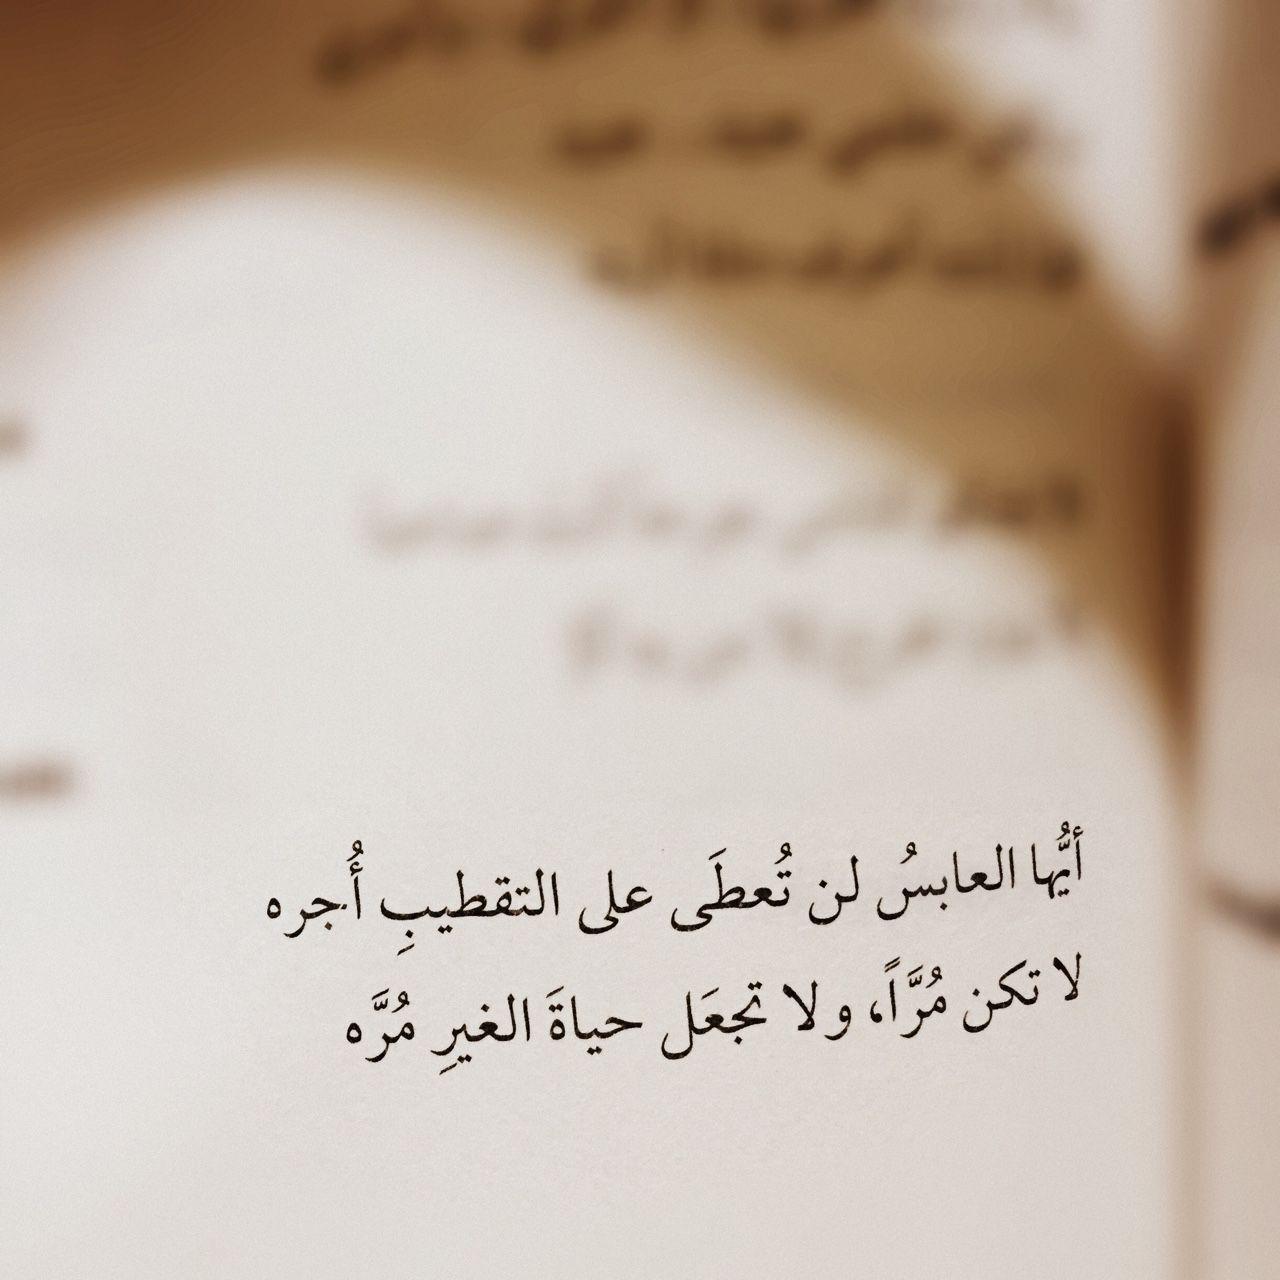 اقتباسات من كتاب اخلع حذائك